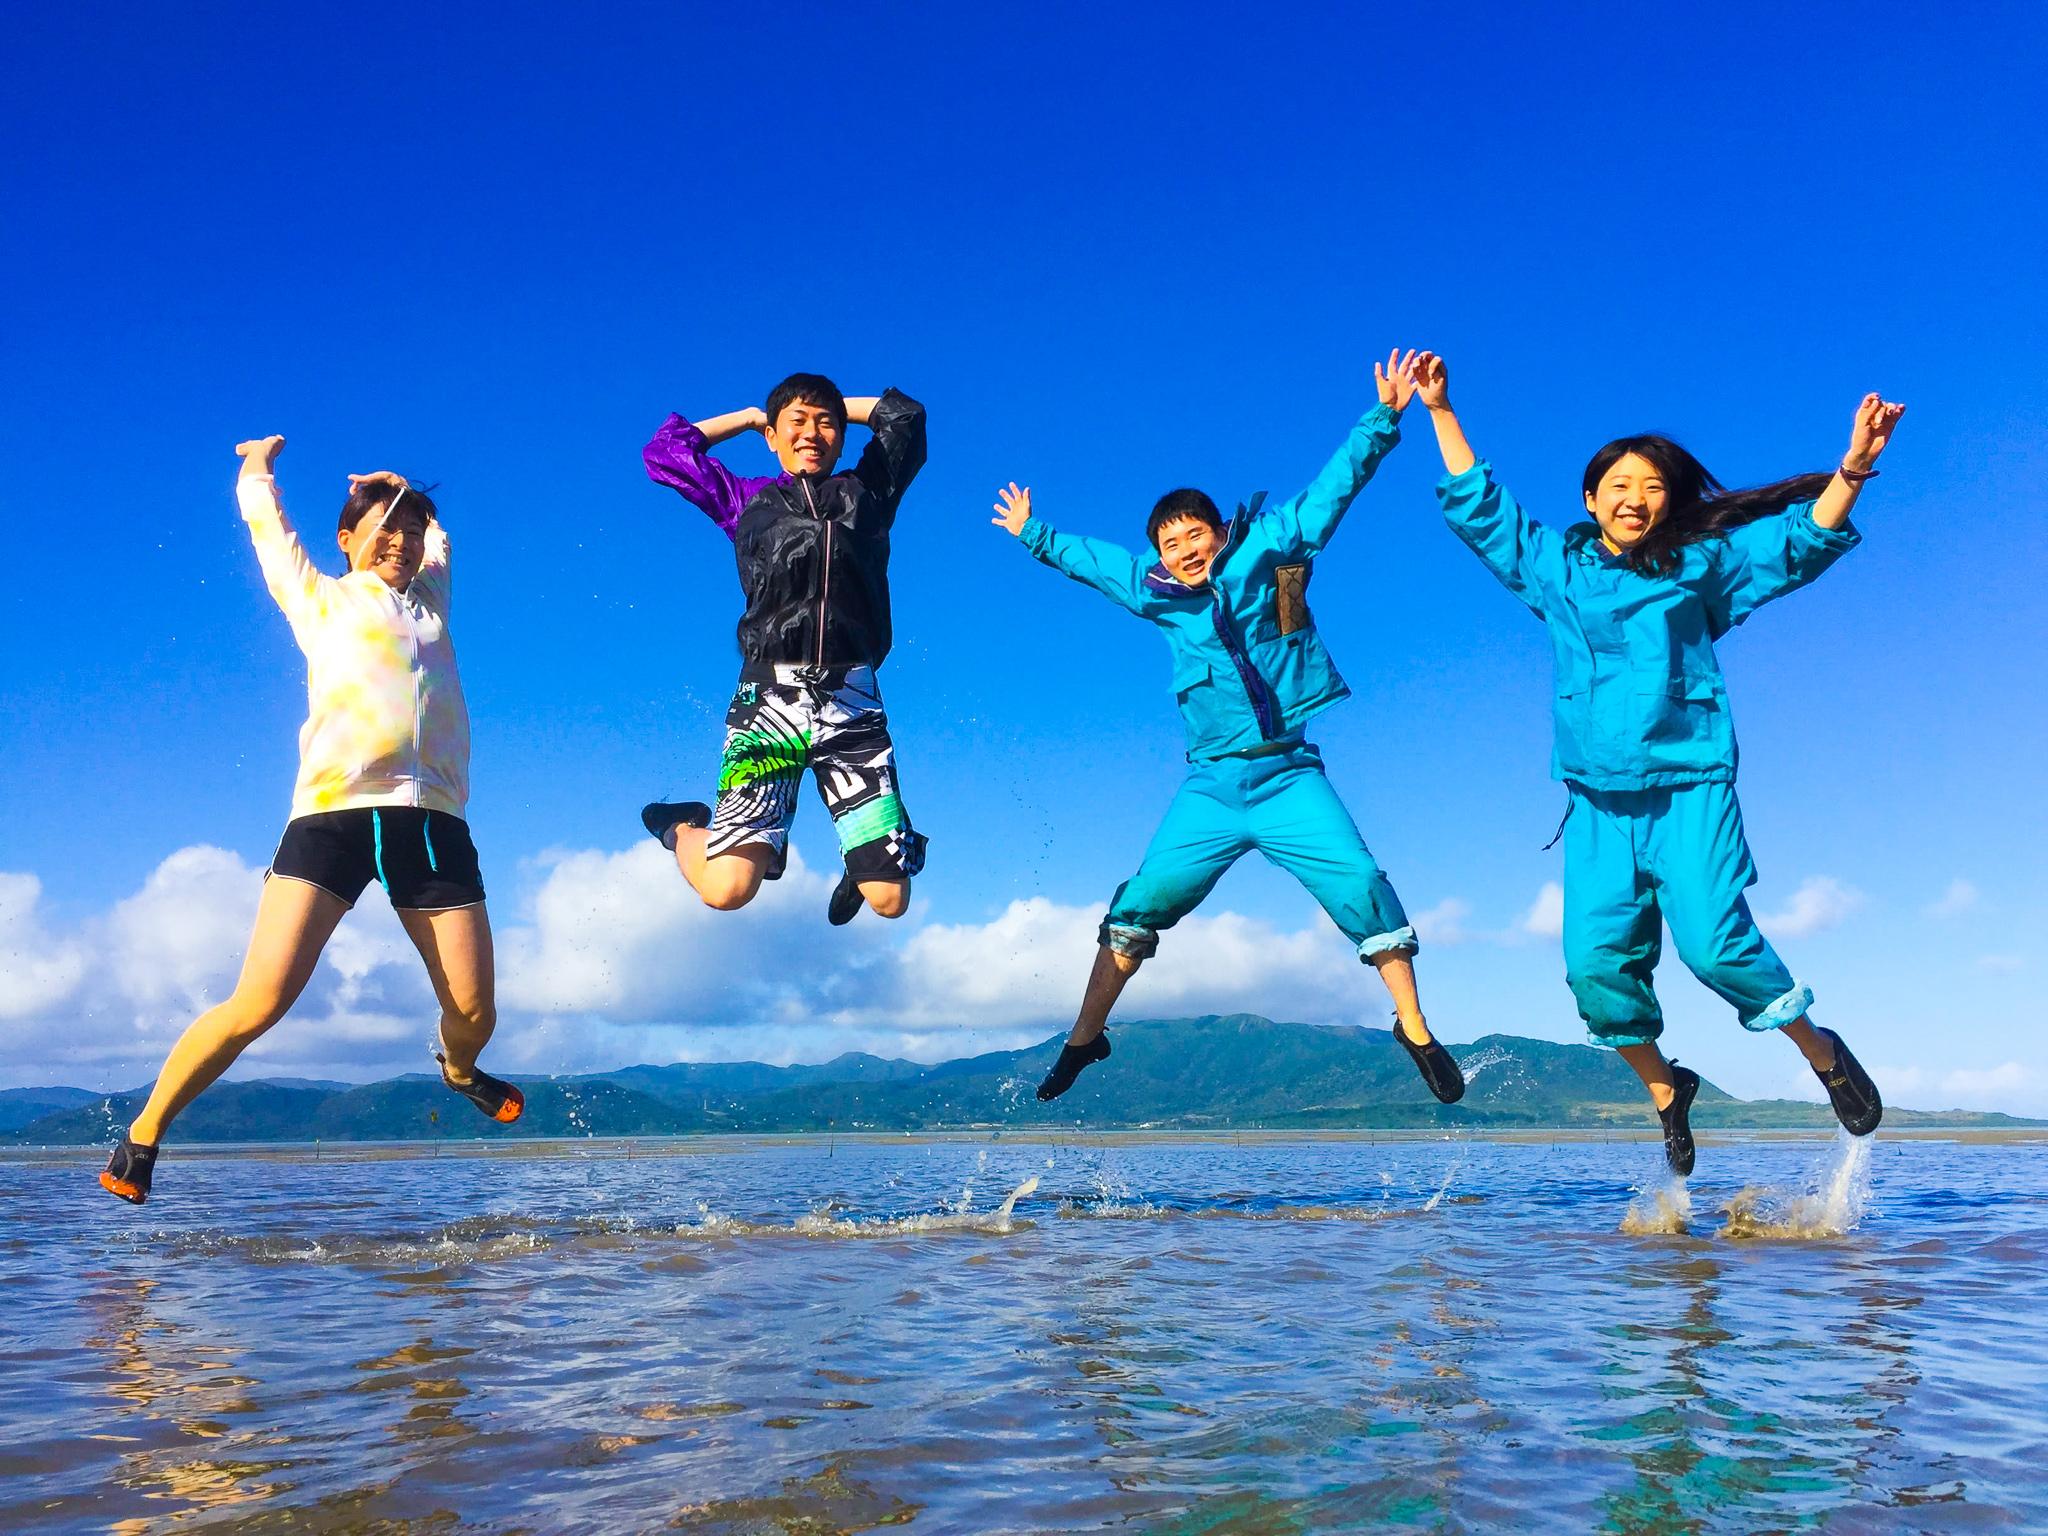 4月の小浜島のビーチでジャンプ